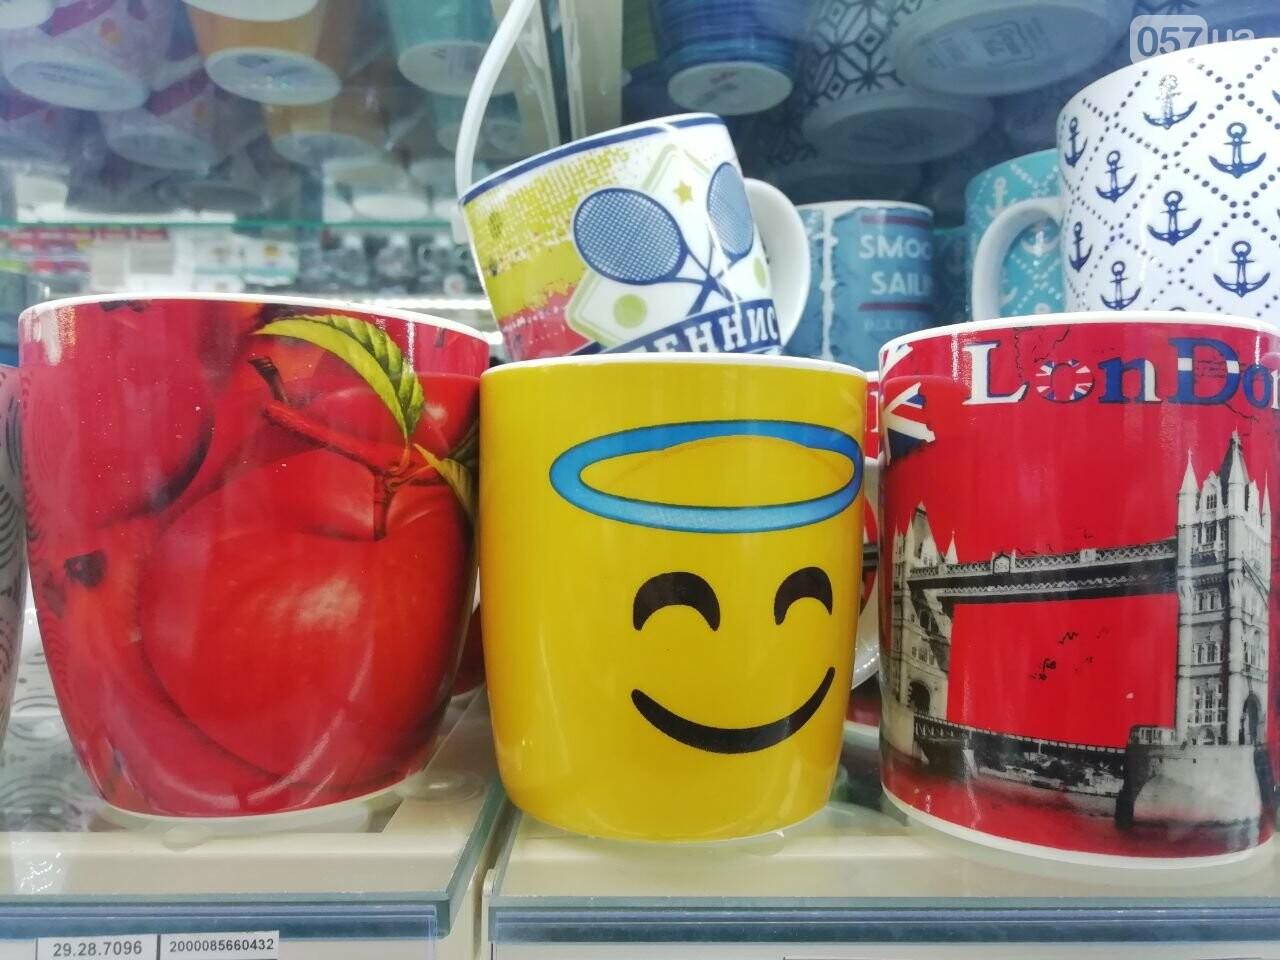 Новый год в Харькове: ТОП подарков на сумму до 100 гривен, - ФОТО, фото-10